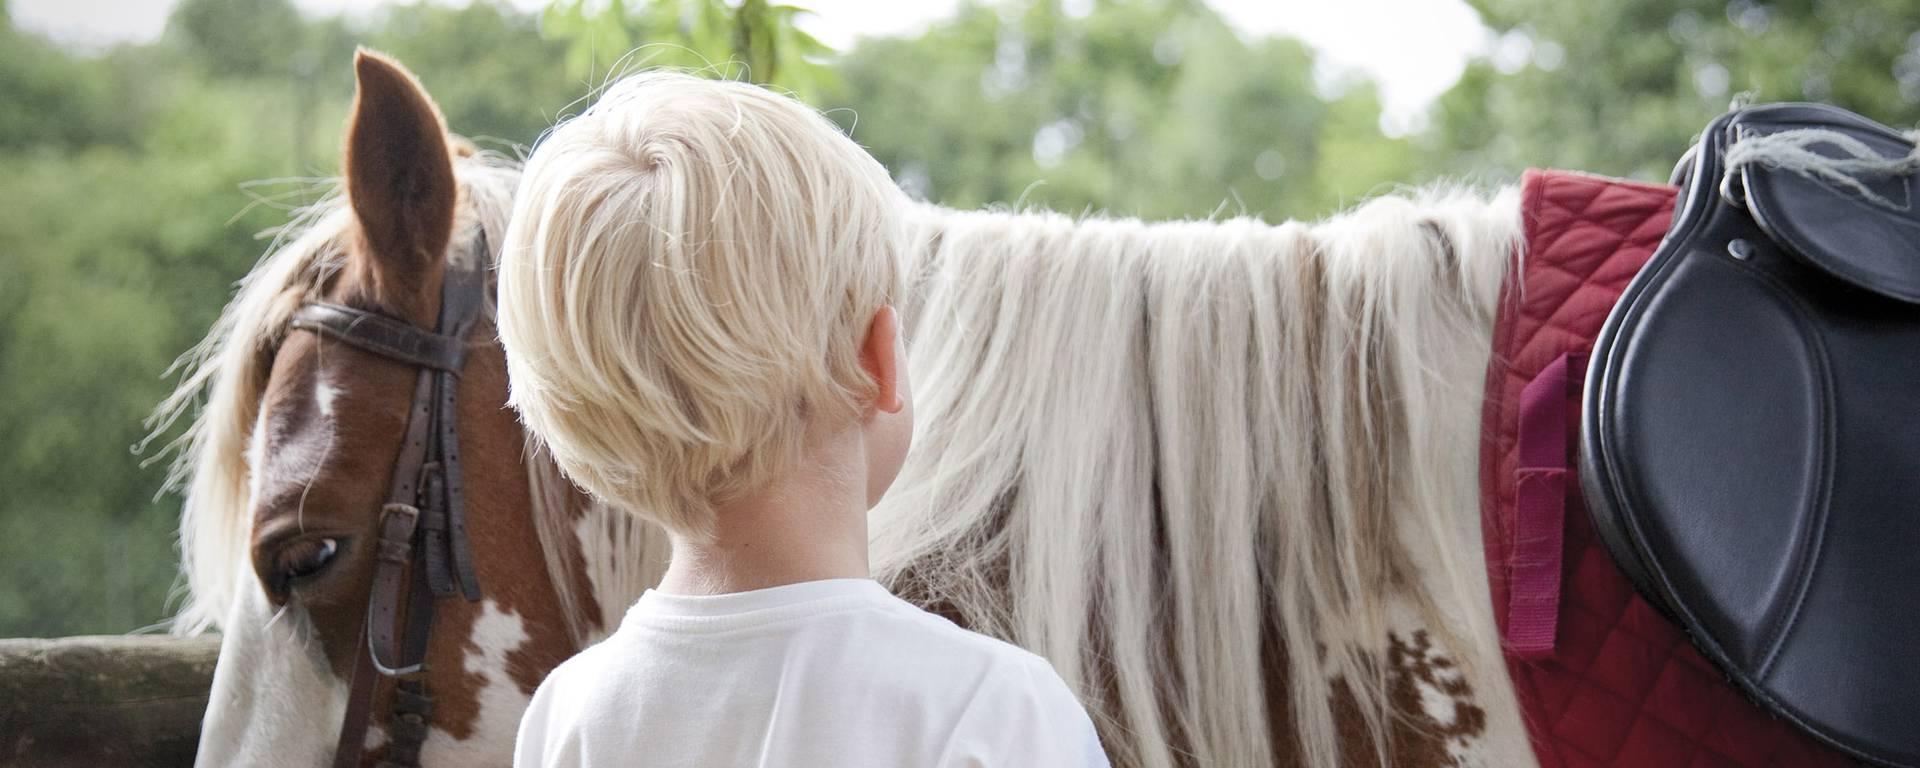 Petite balade avec les poneys - Parc d'Olhain © Brigitte Baudesson